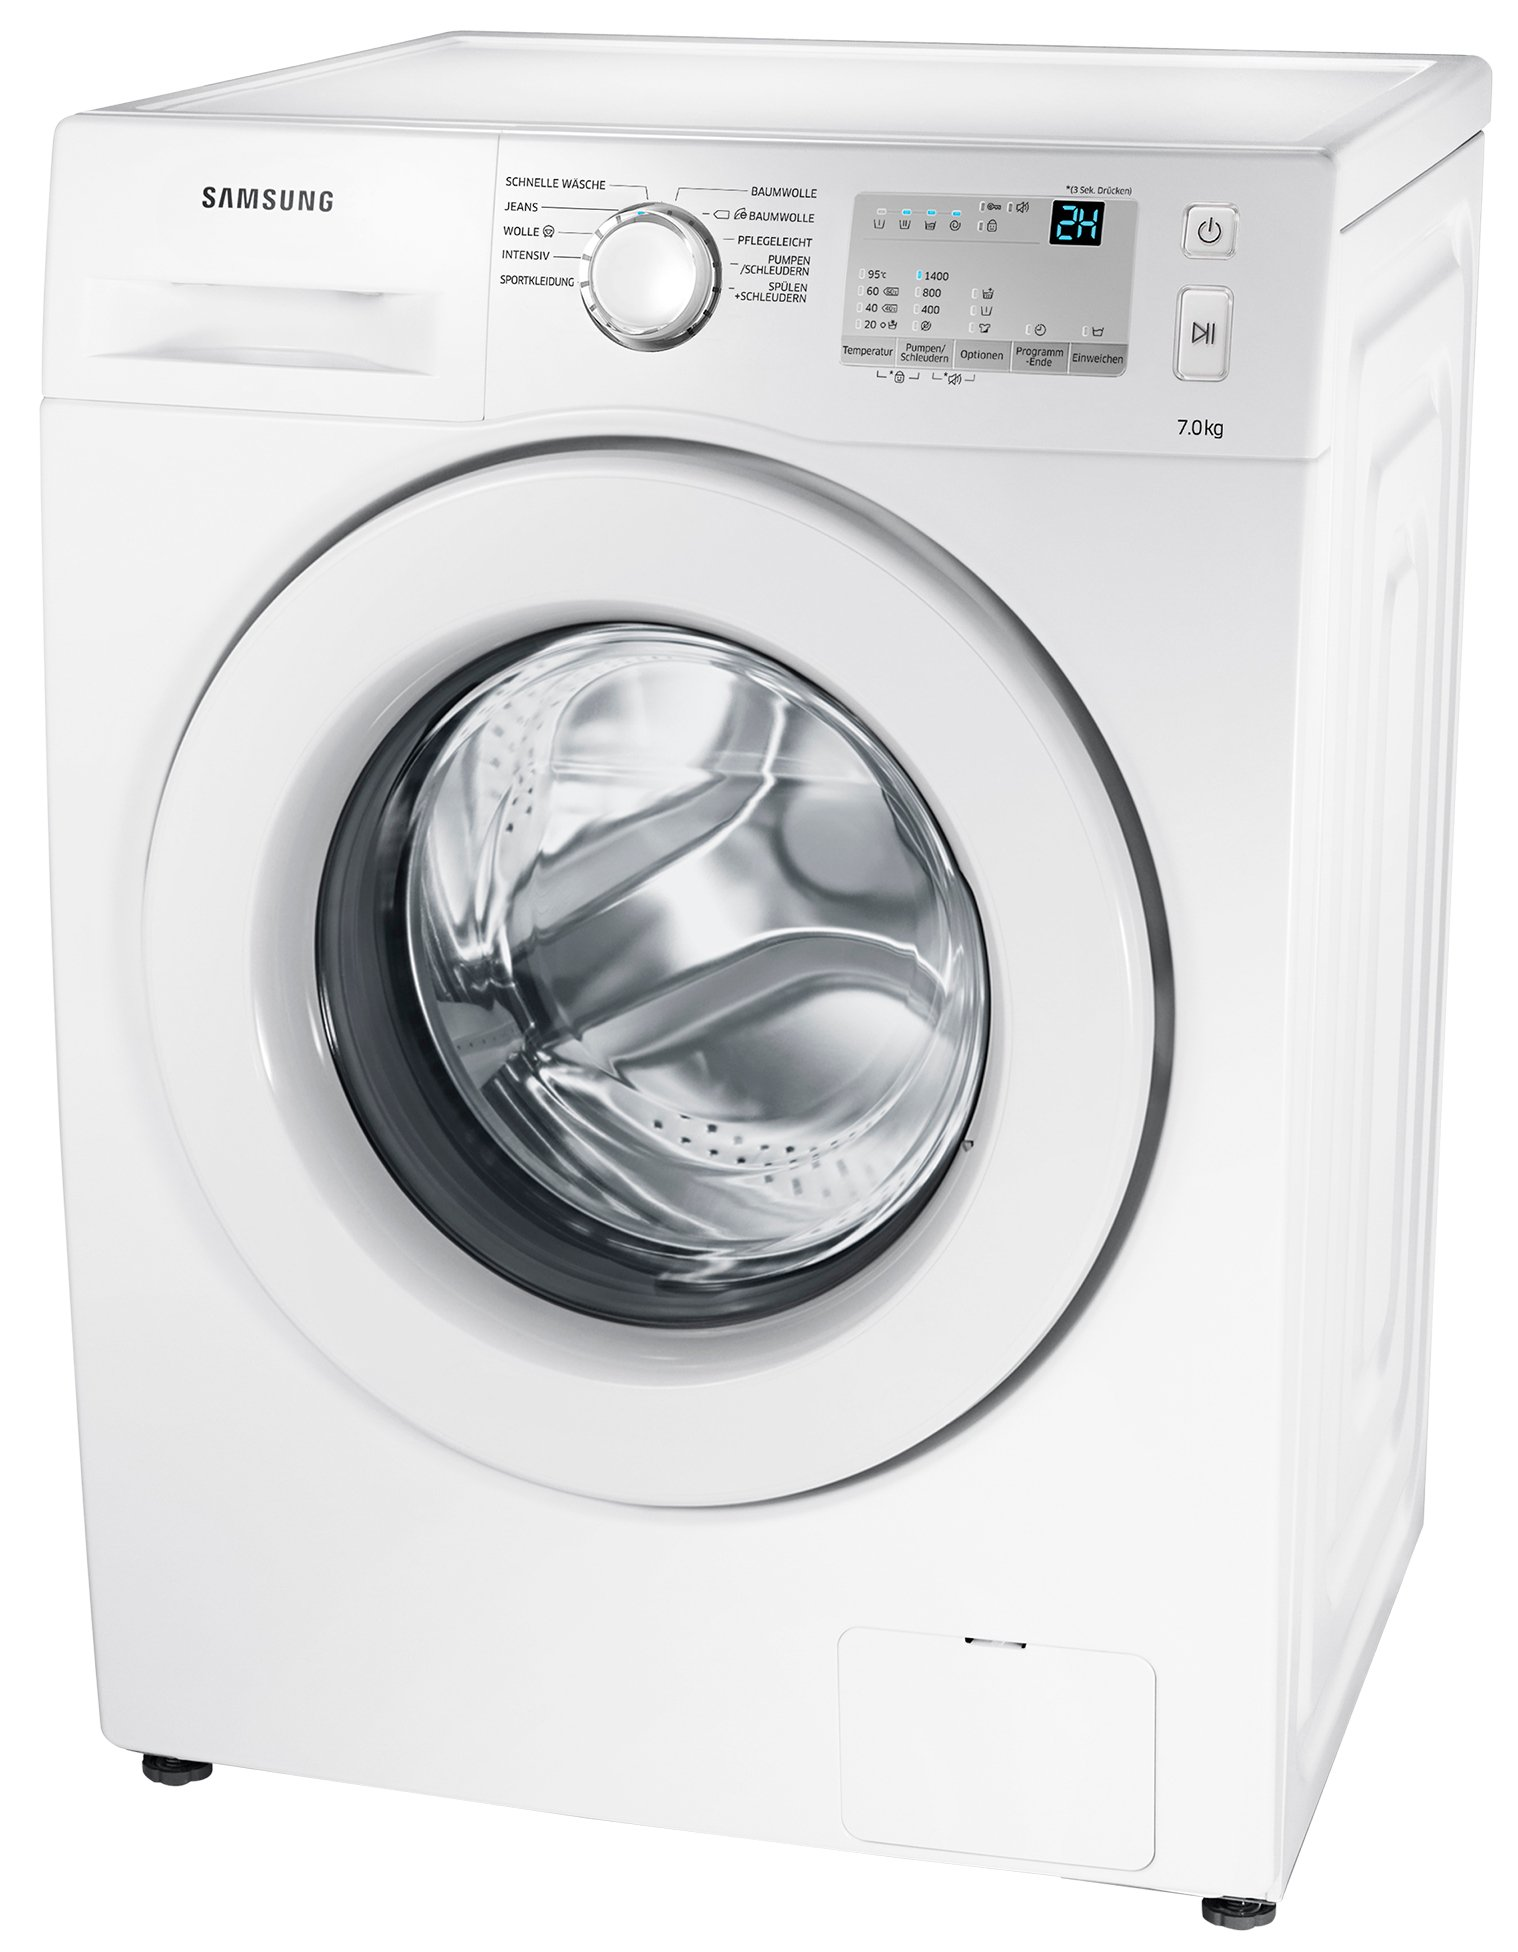 Samsung-WW70J3473KW1EG-WaschmaschineFrontladerA-1400